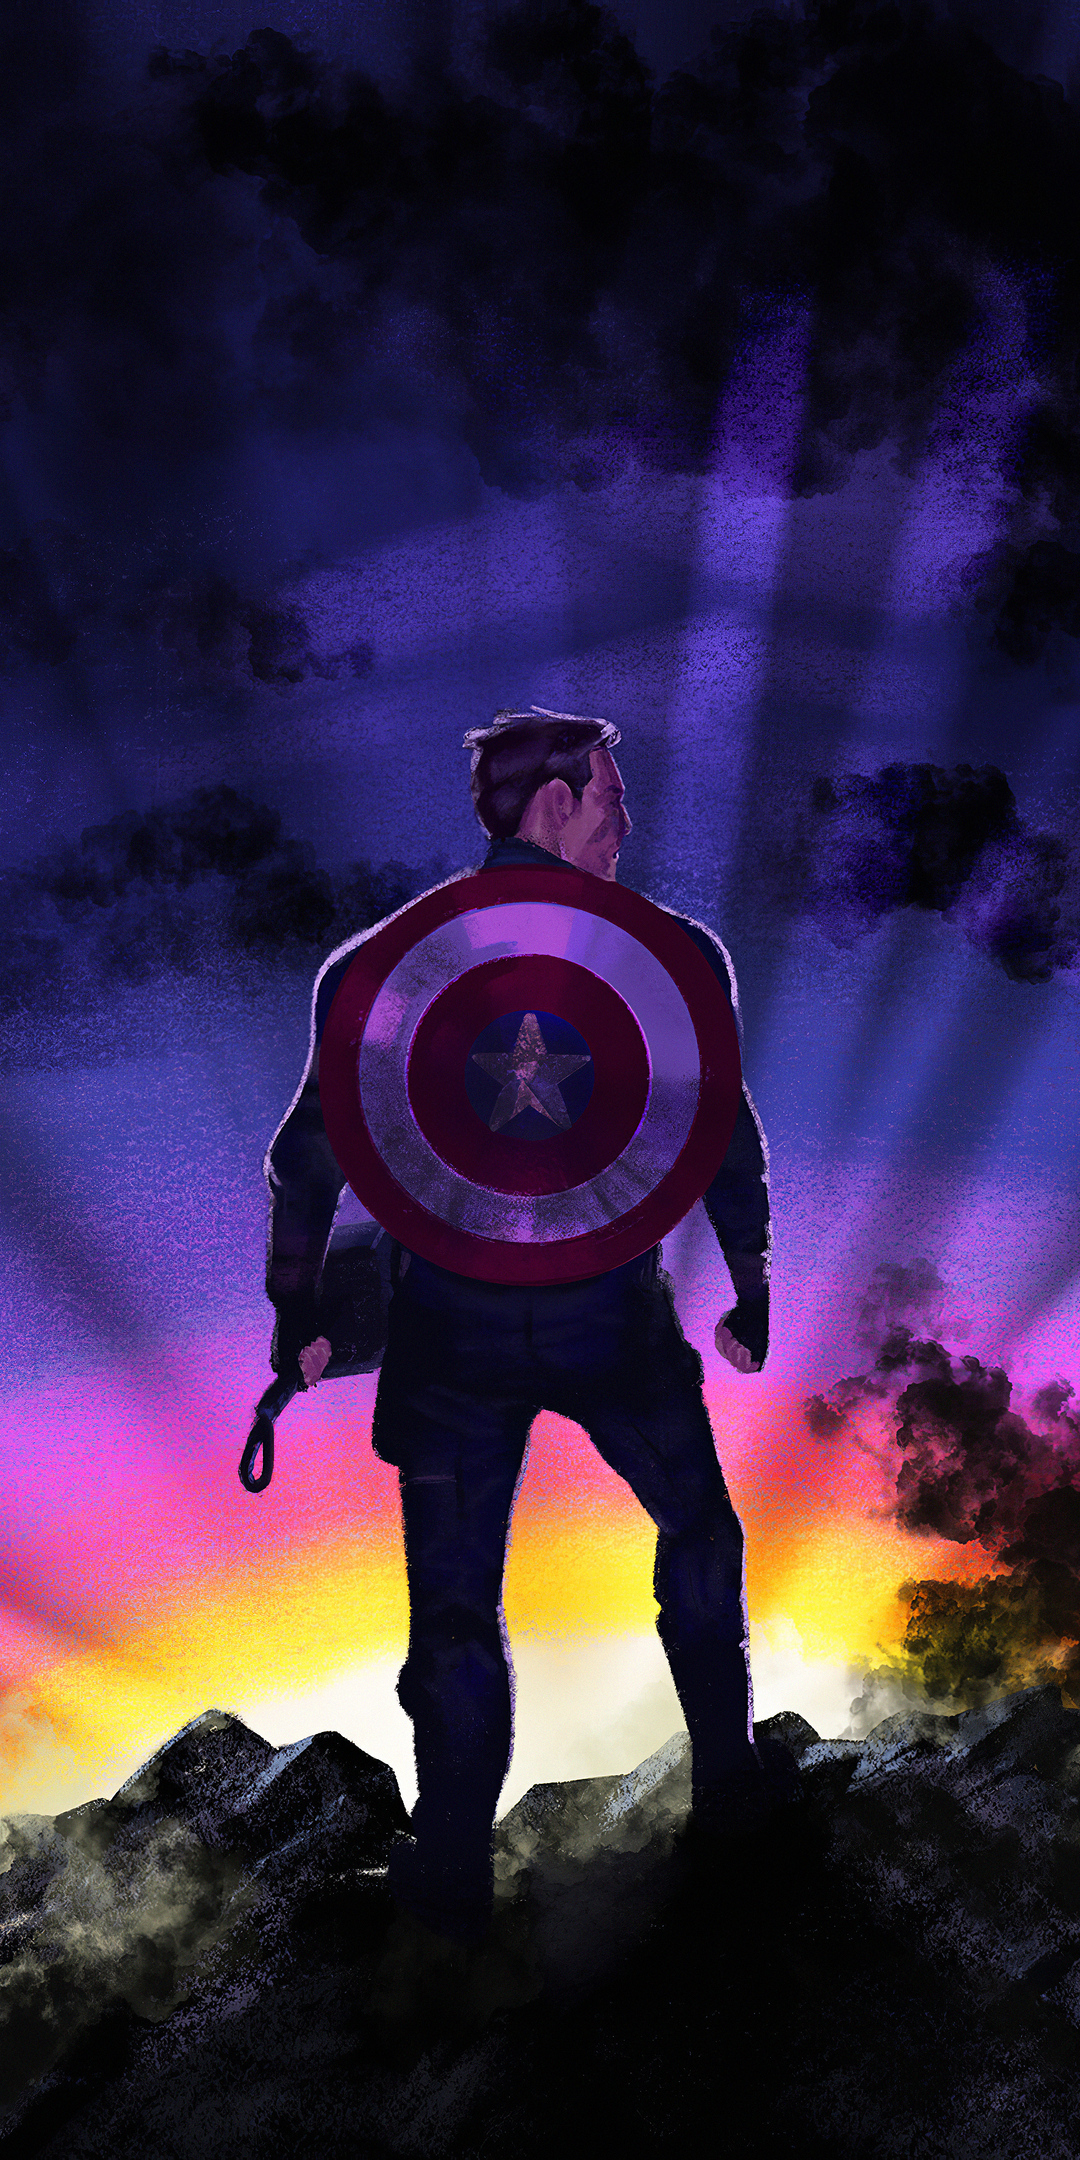 captain-america-sunrise-g1.jpg